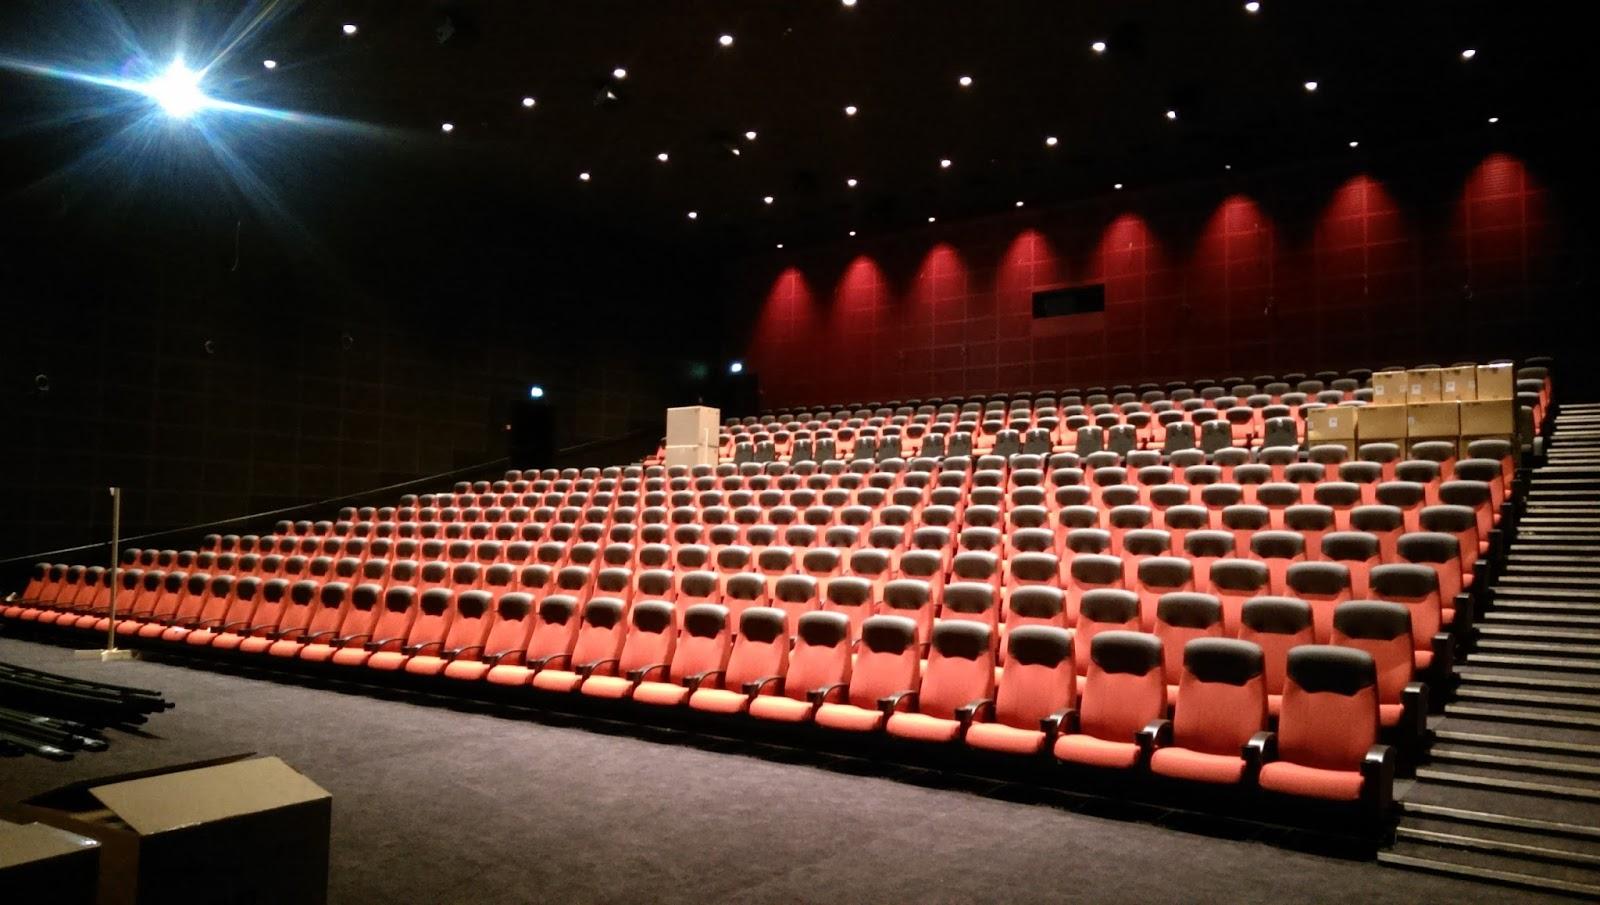 Nordisk Film Biograf Odense Escort Piger århus